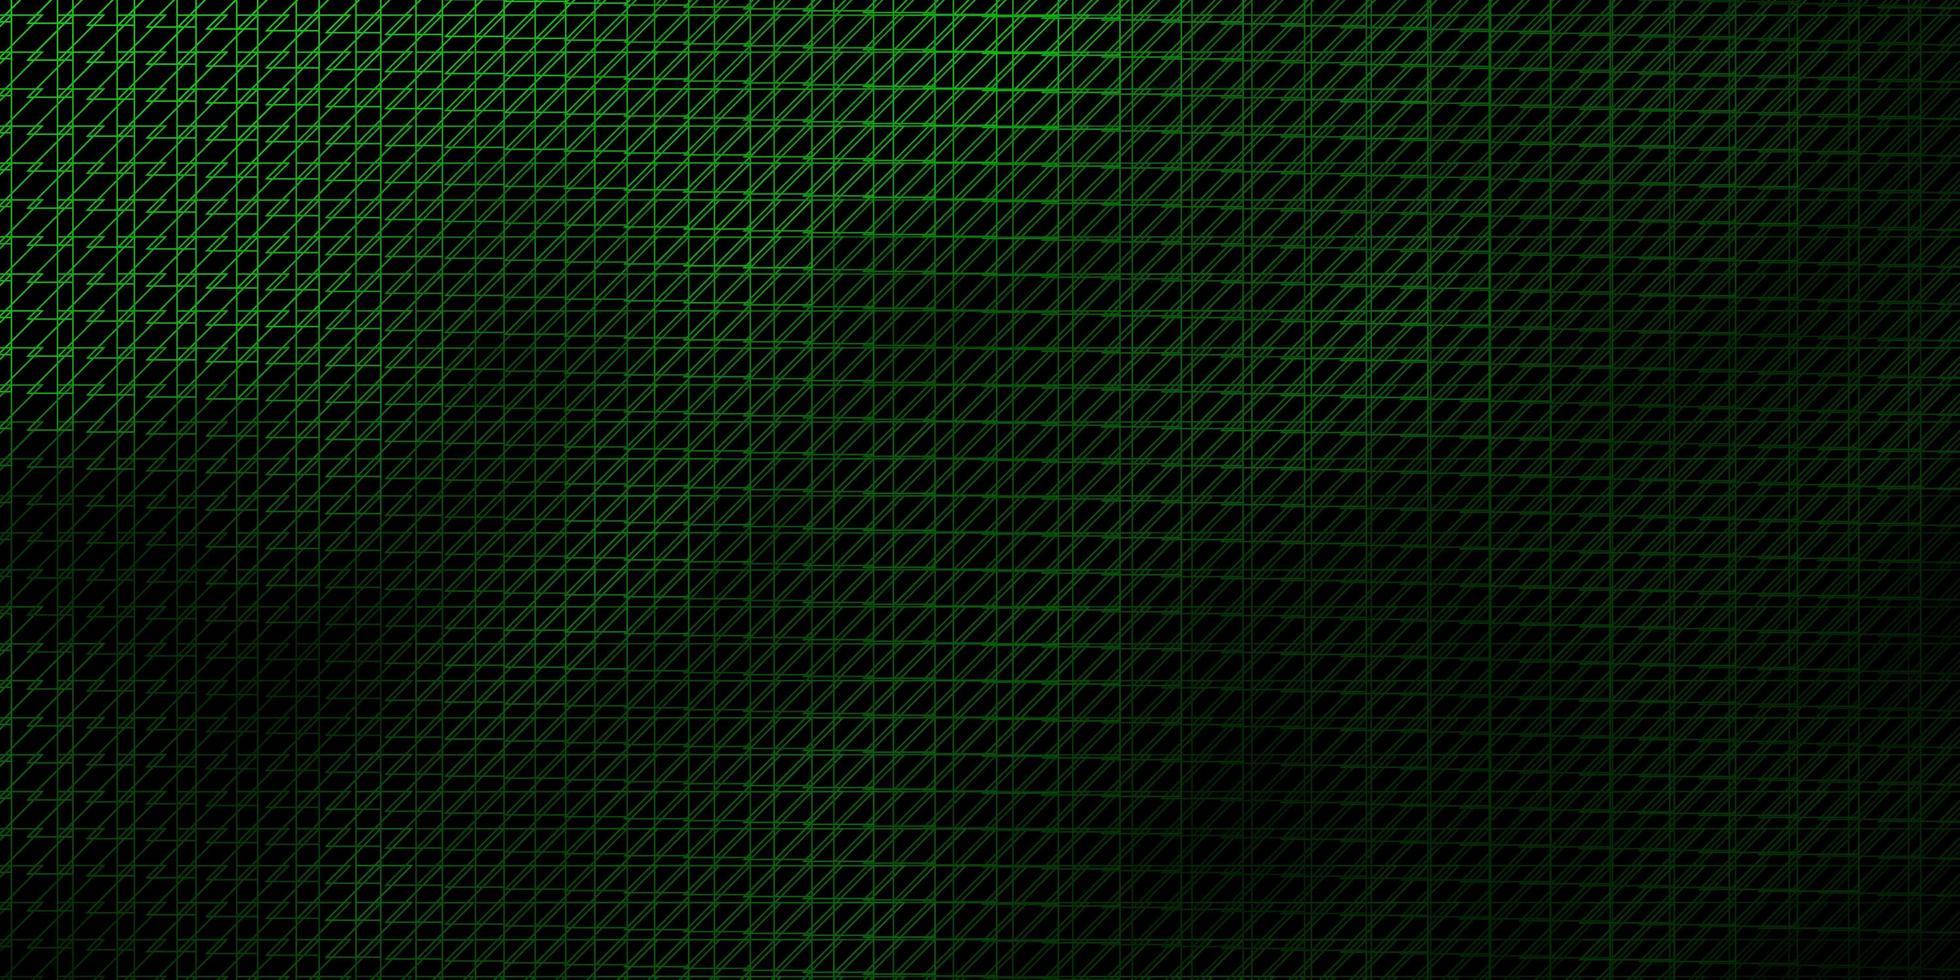 sfondo vettoriale verde scuro con linee.